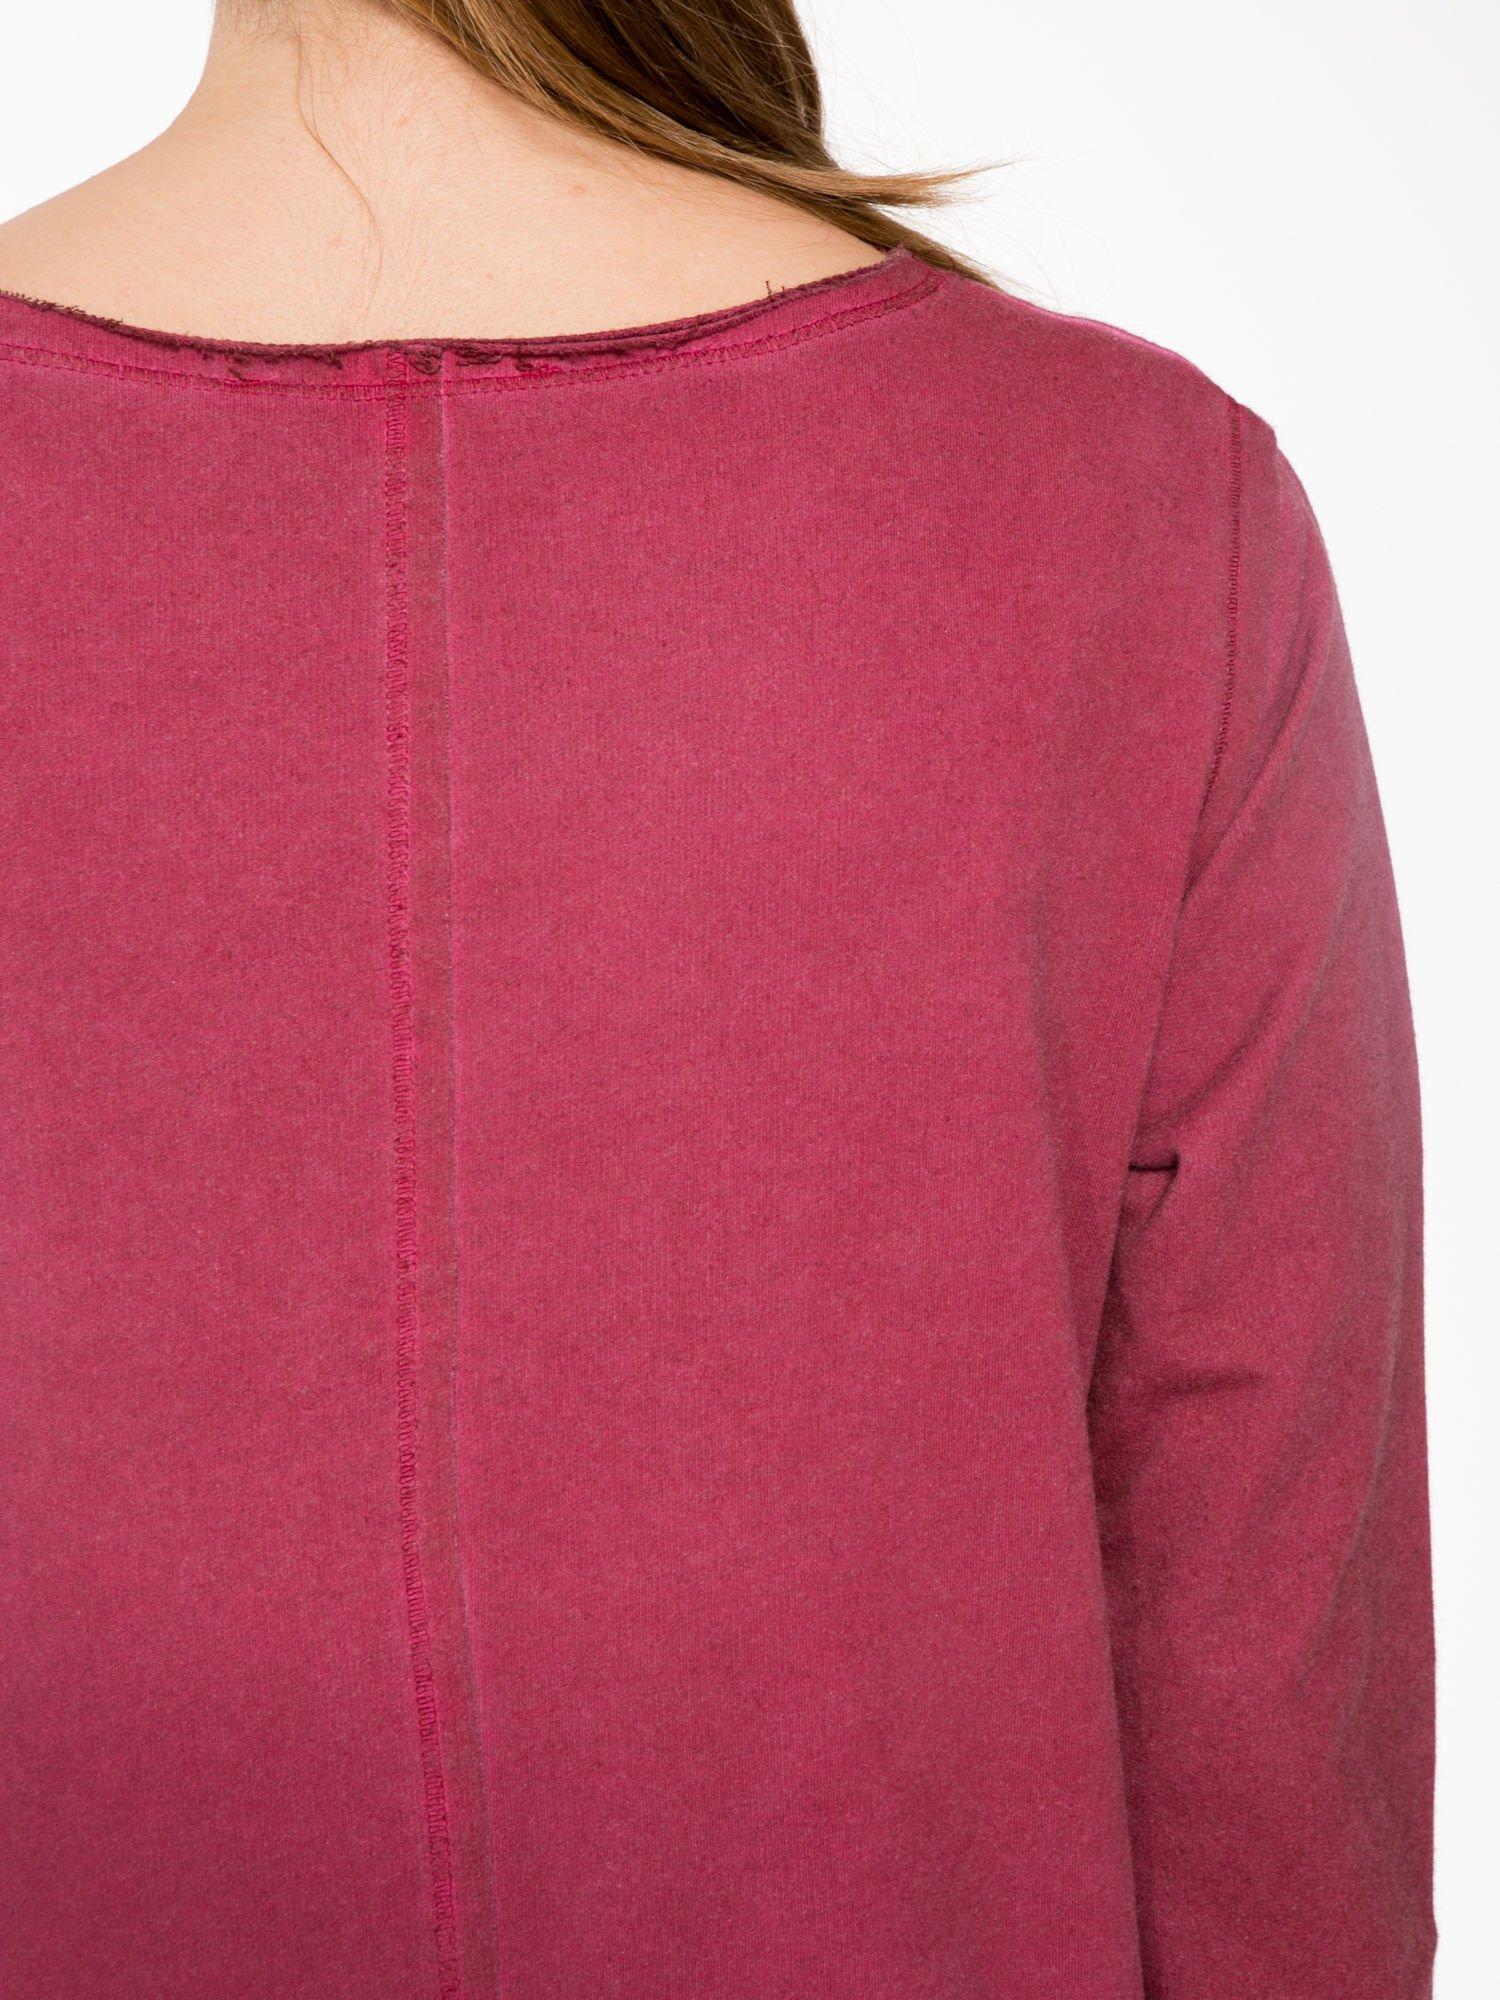 Bordowa bluza z surowym wykończeniem i widocznymi szwami                                  zdj.                                  7